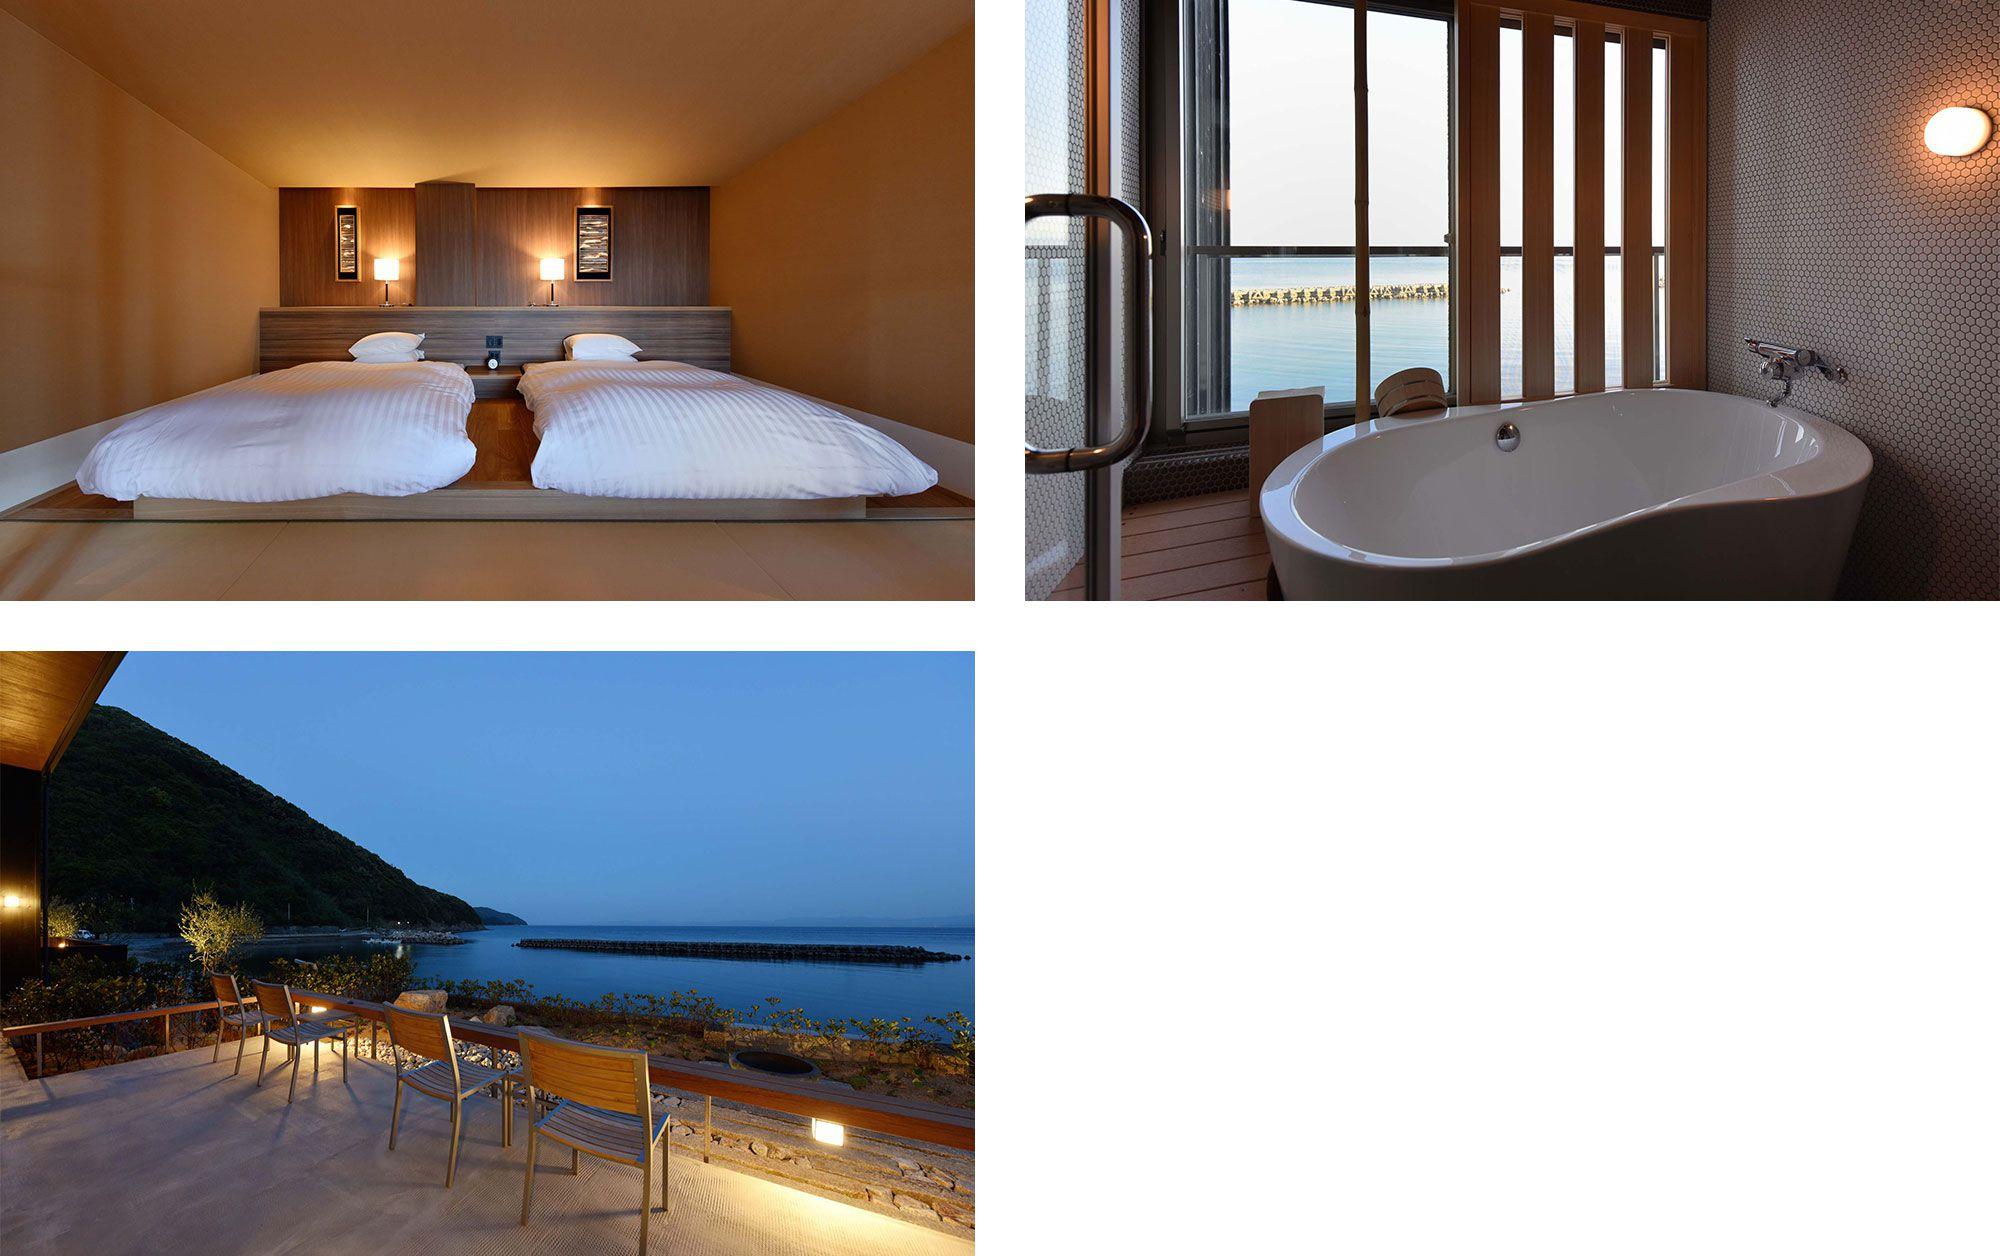 モダンで落ち着いた客室からも望むのは海。刻々と変化する空と海の色を眺める、贅沢な時間。